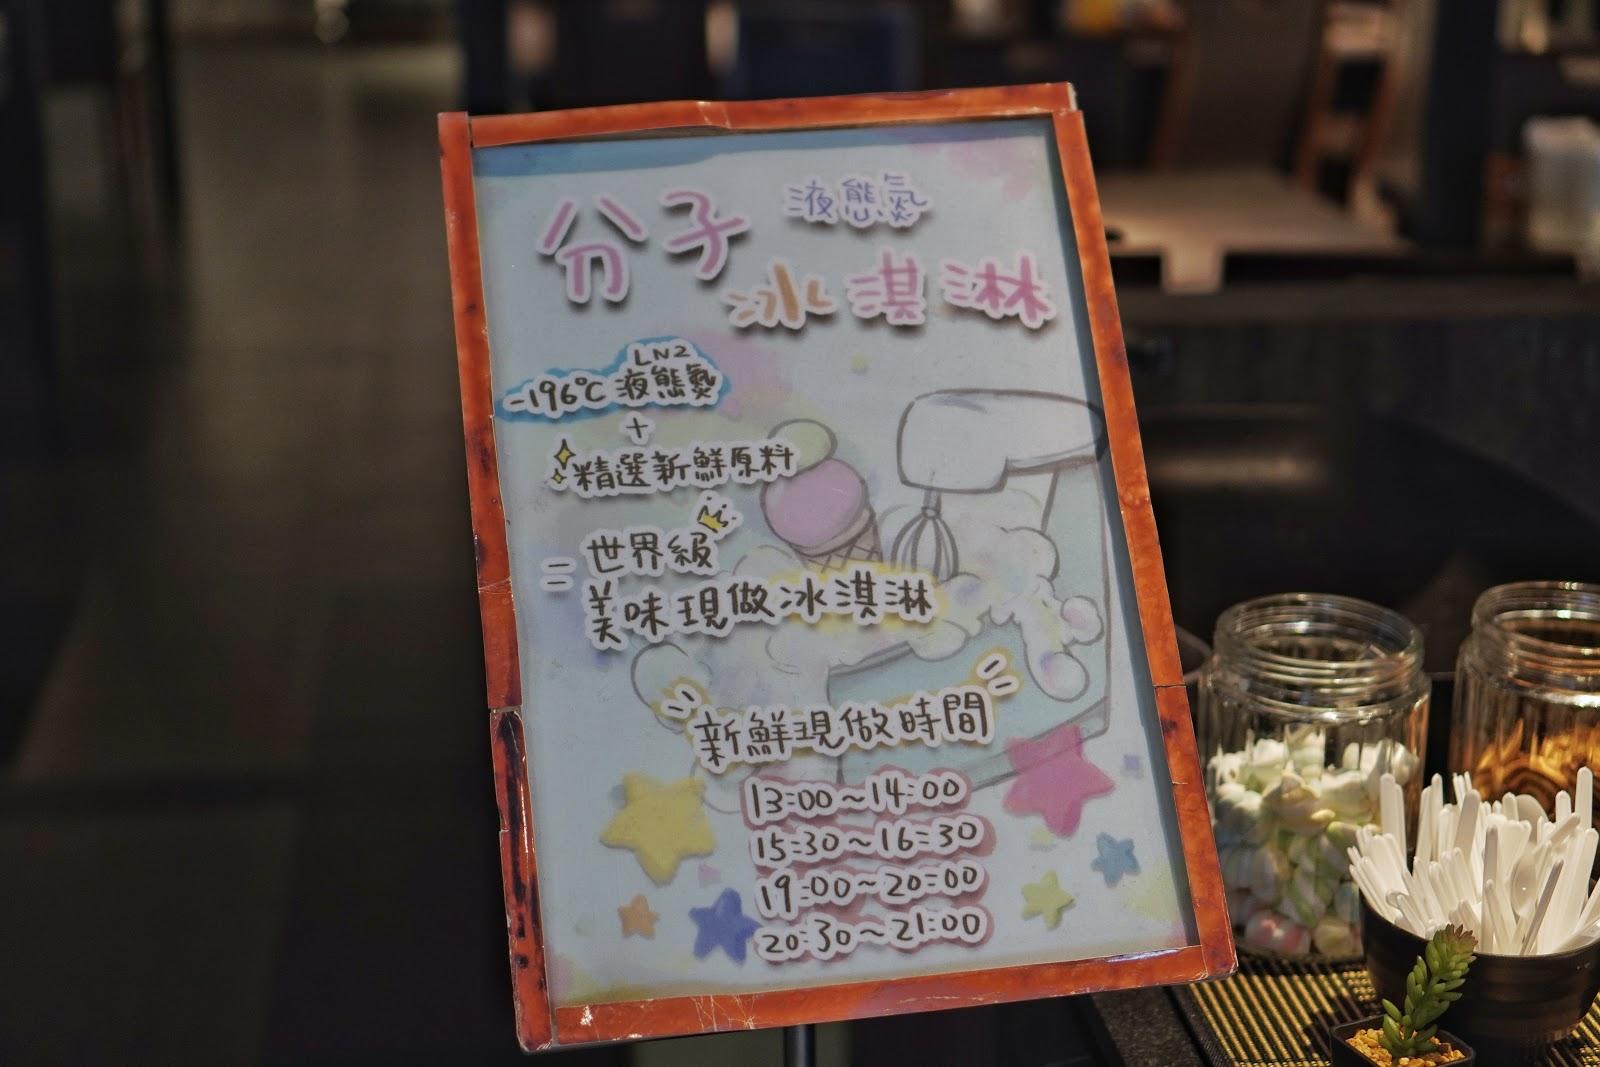 台南東區美食【XM麻辣鍋德安店】液態氮分子冰淇淋說明